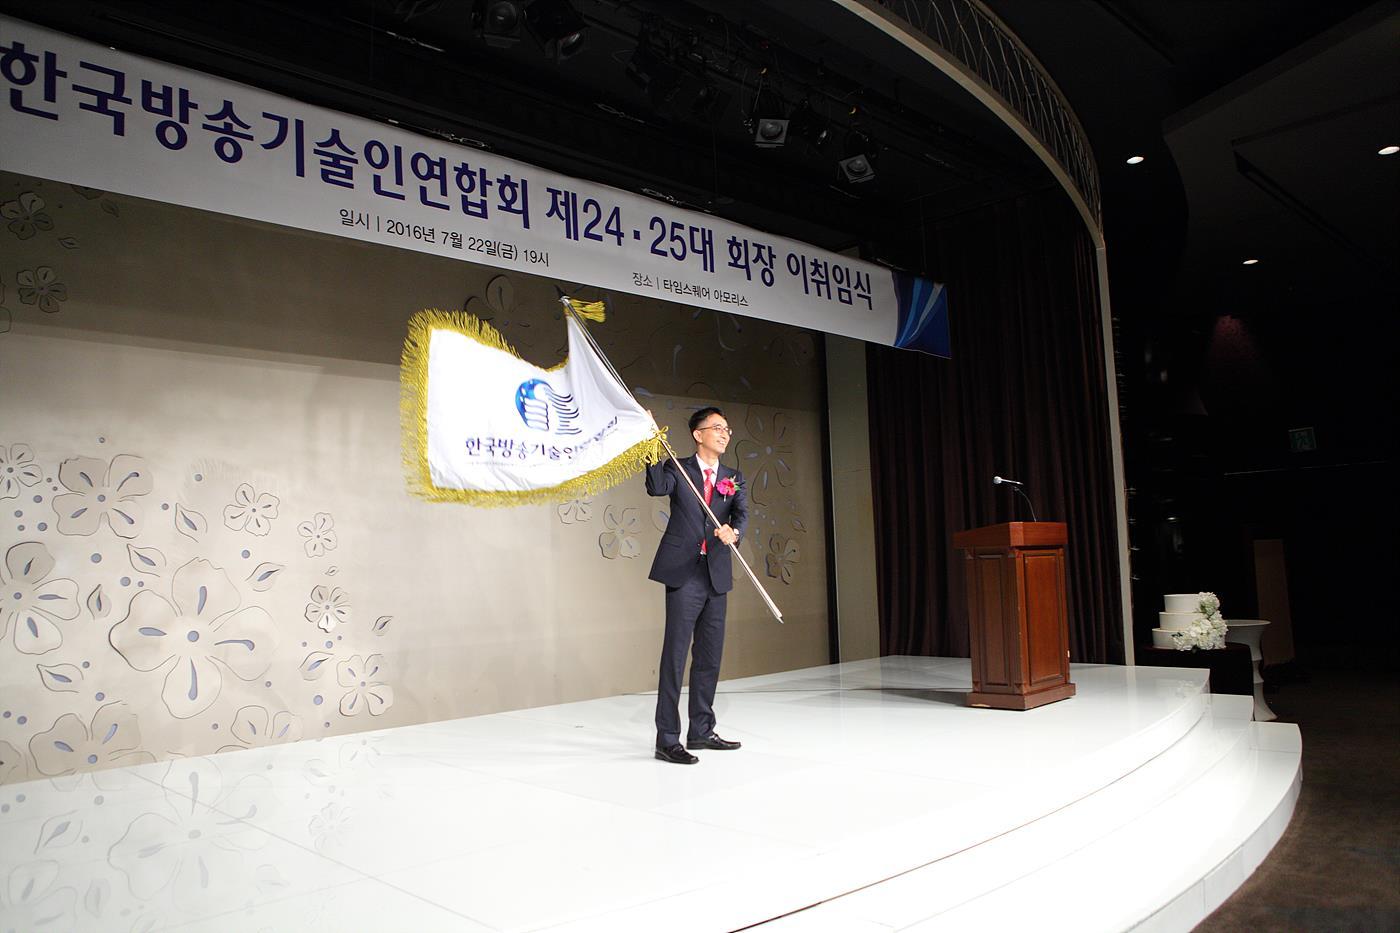 연합회기 전달 받은 박종석 25대 연합회장